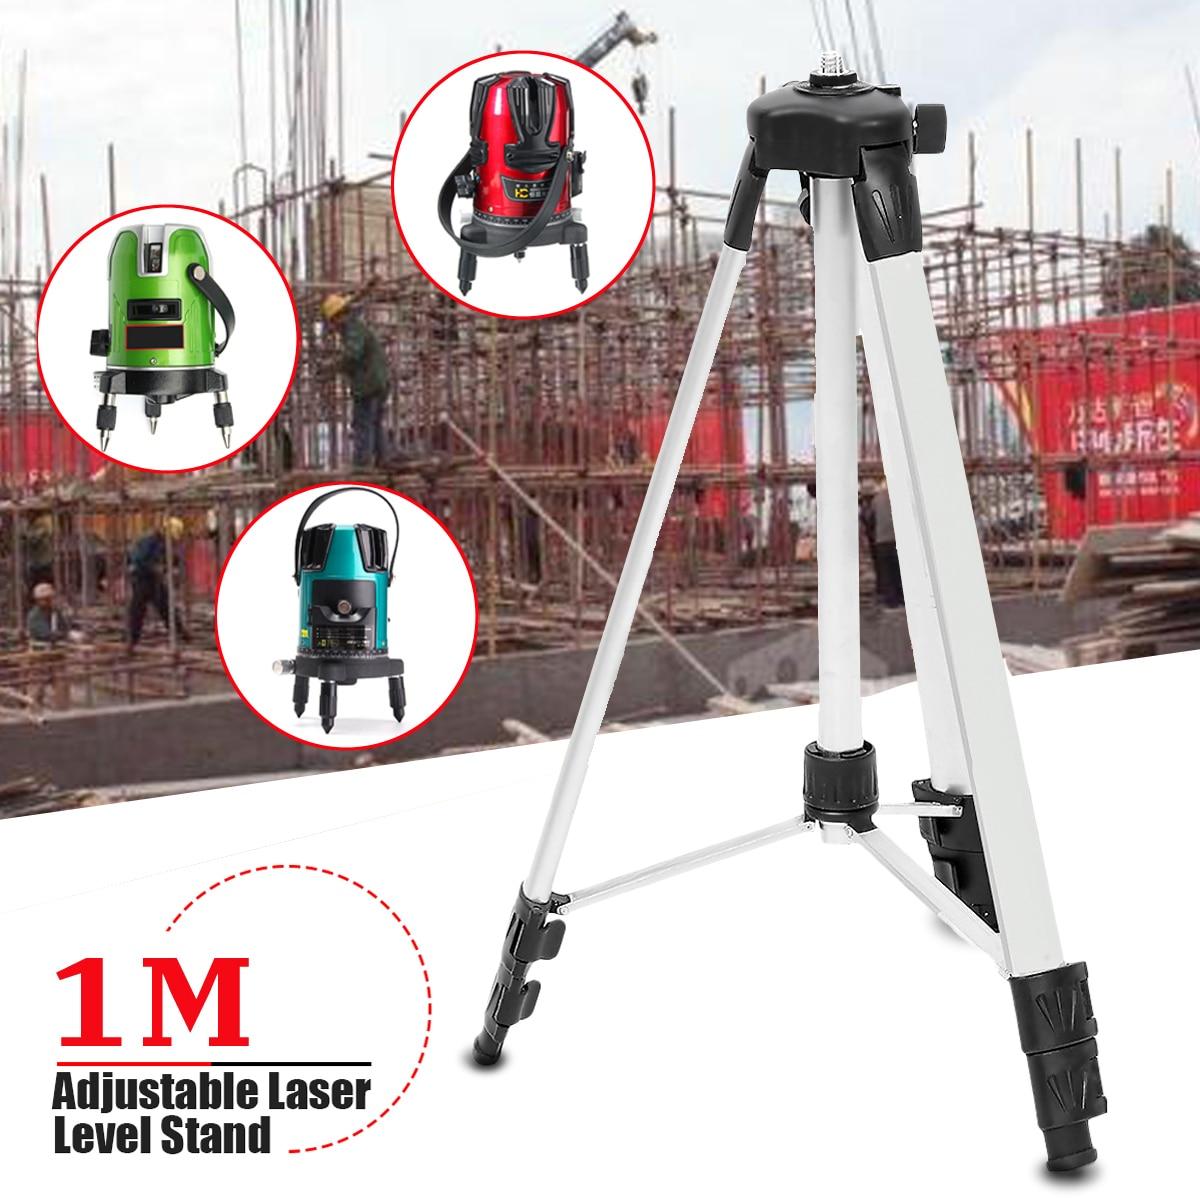 1 M 3-Weg Stativ Ebene Stehen für Automatische Selbst Nivellierung Laser Level Messung Werkzeug Ebene Stativ Halter Messung werkzeug